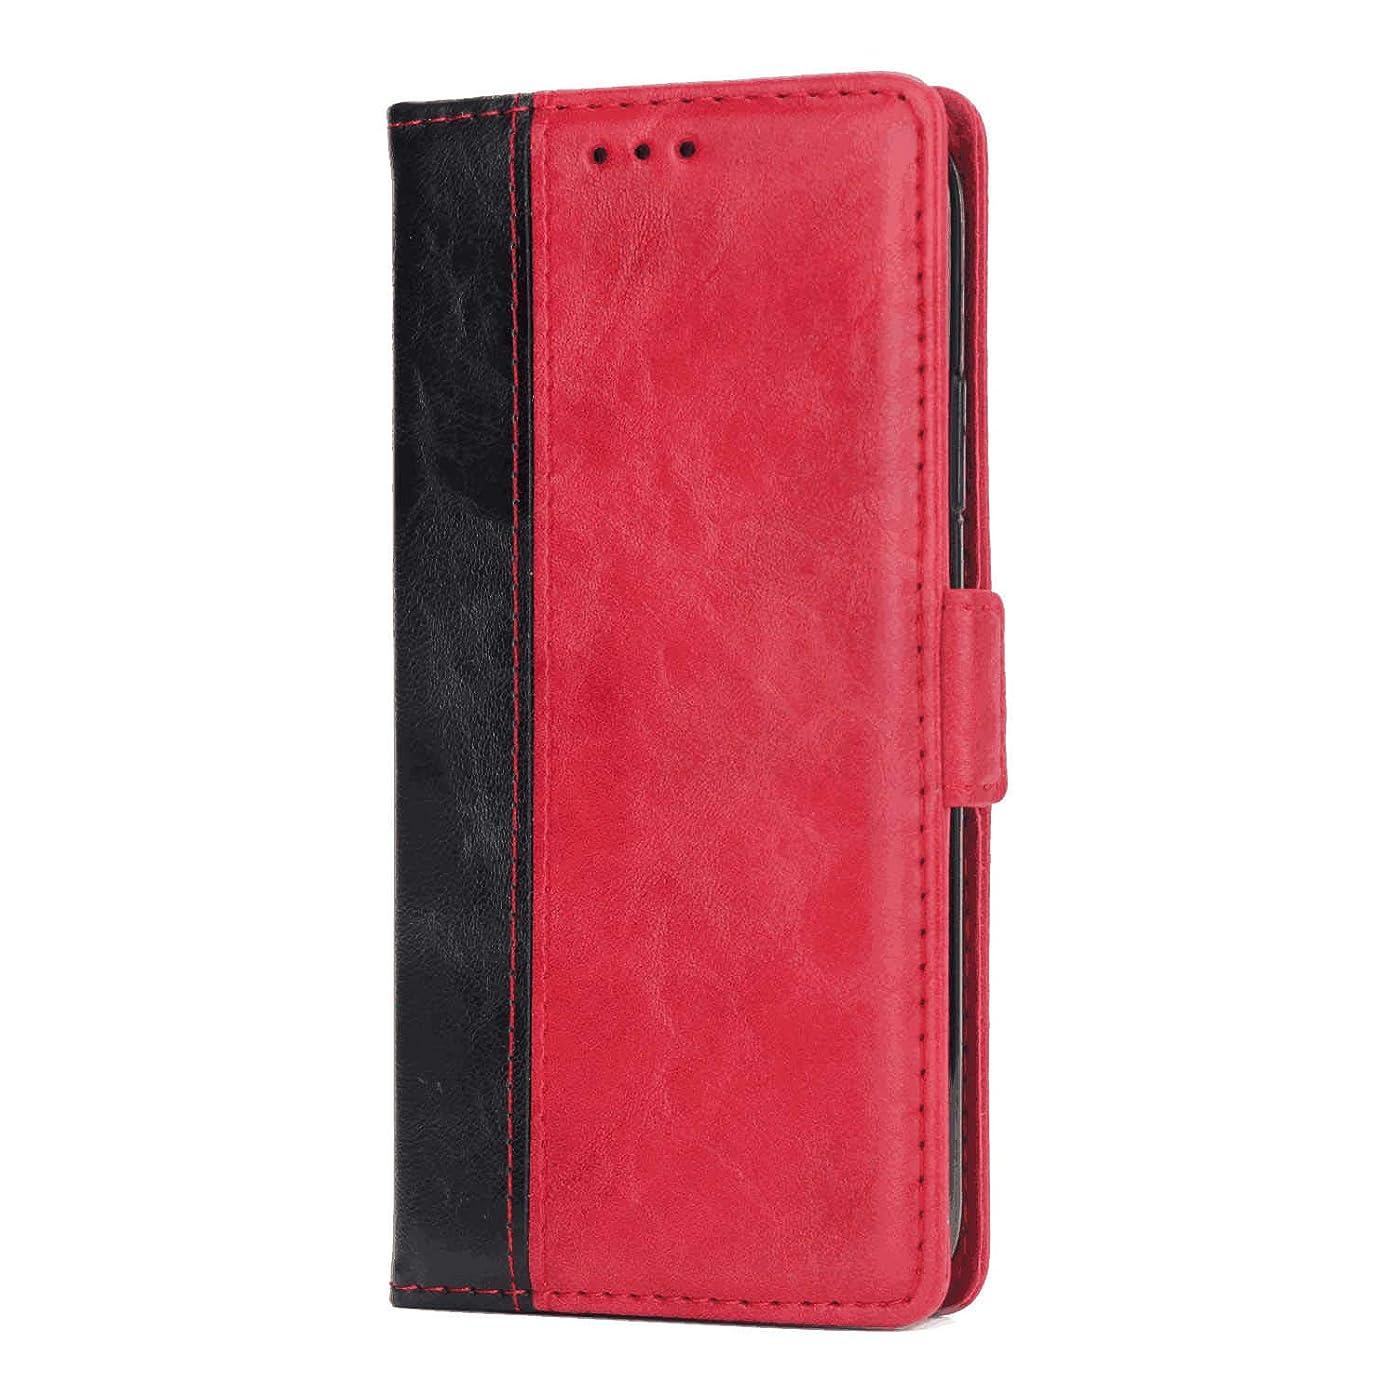 敵意戦争会計士Huawei P20 Lite PUレザー ケース, 手帳型 ケース 本革 全面保護 ビジネス スマホケース カバー収納 財布 手帳型ケース Huawei P20 Lite レザーケース